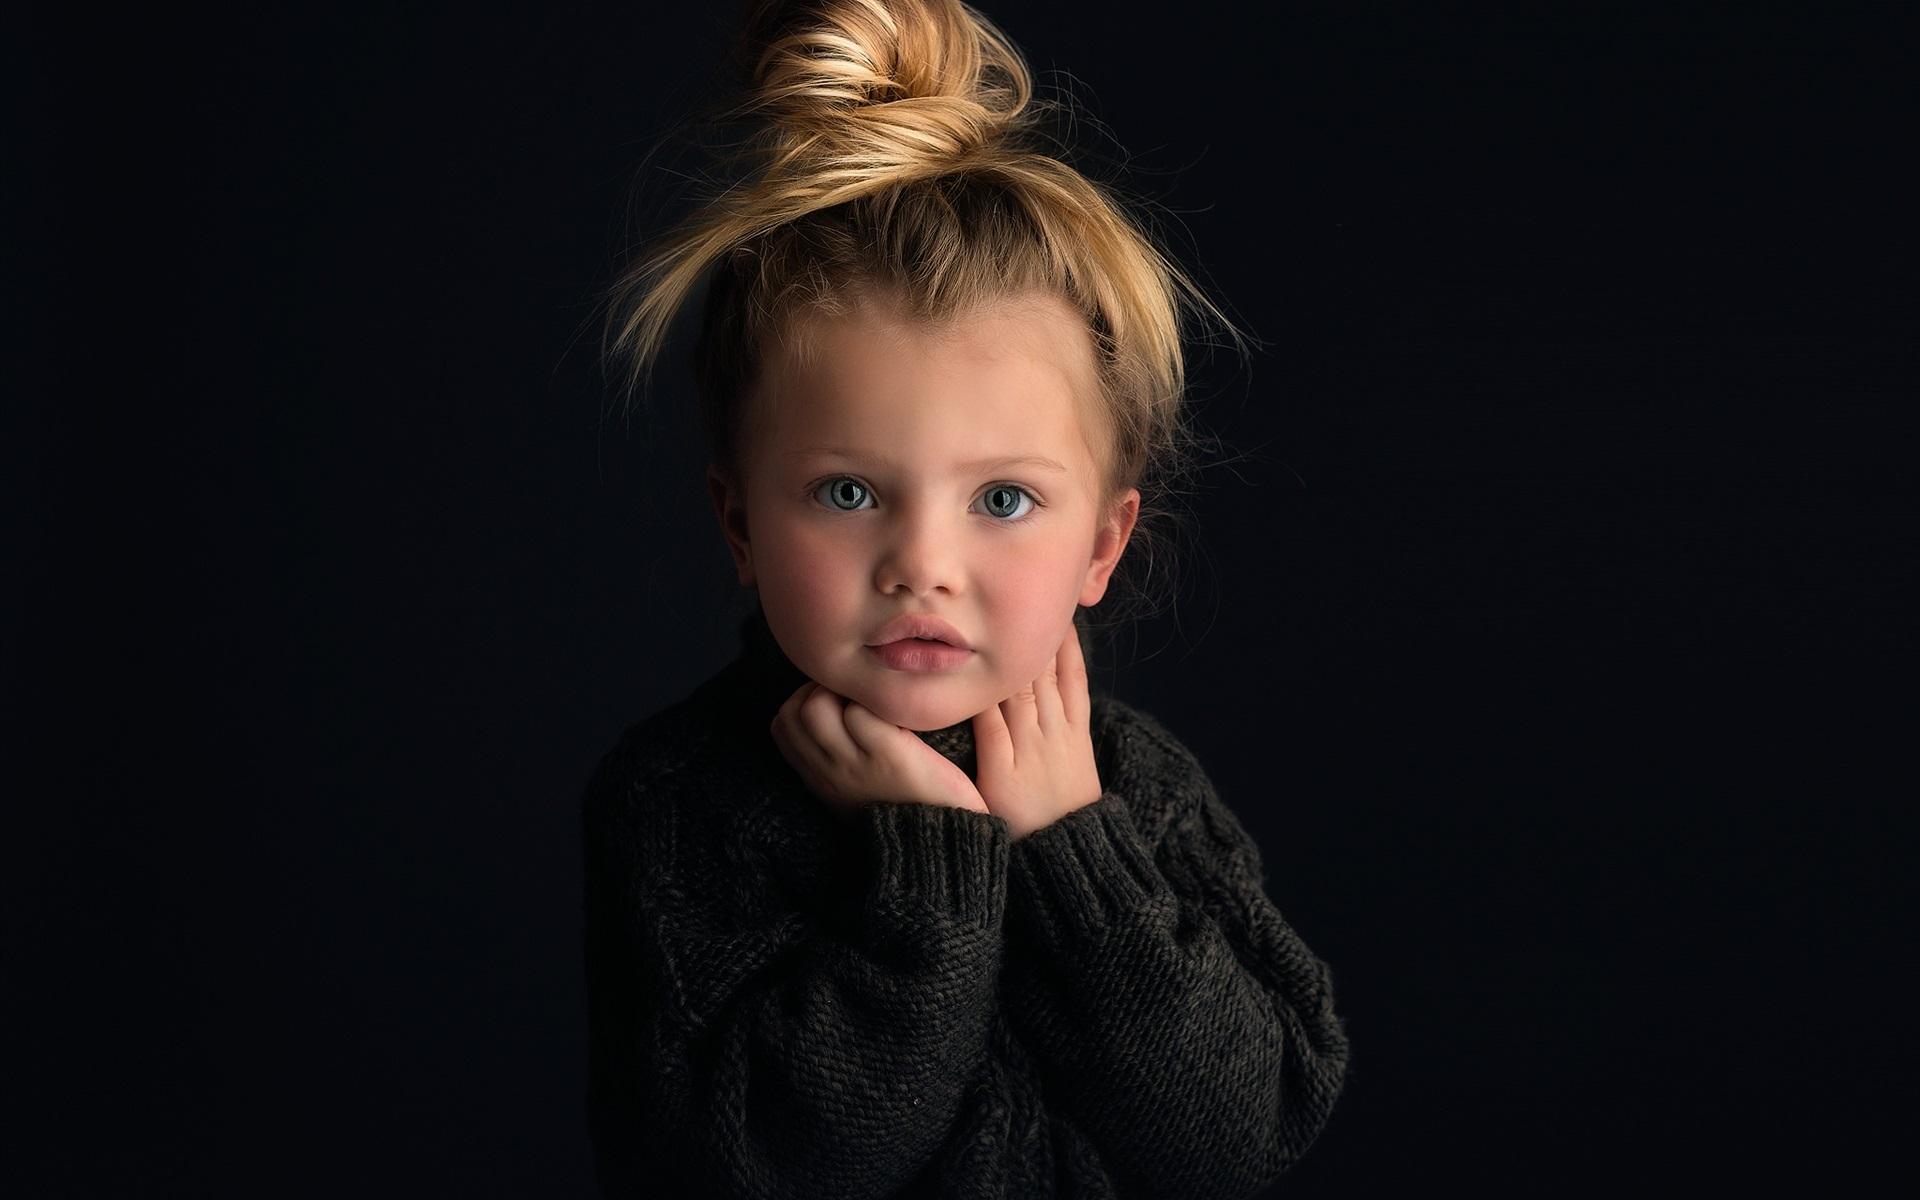 Fonds d 39 cran mignon petite fille portrait blonde fond for Fond ecran portrait